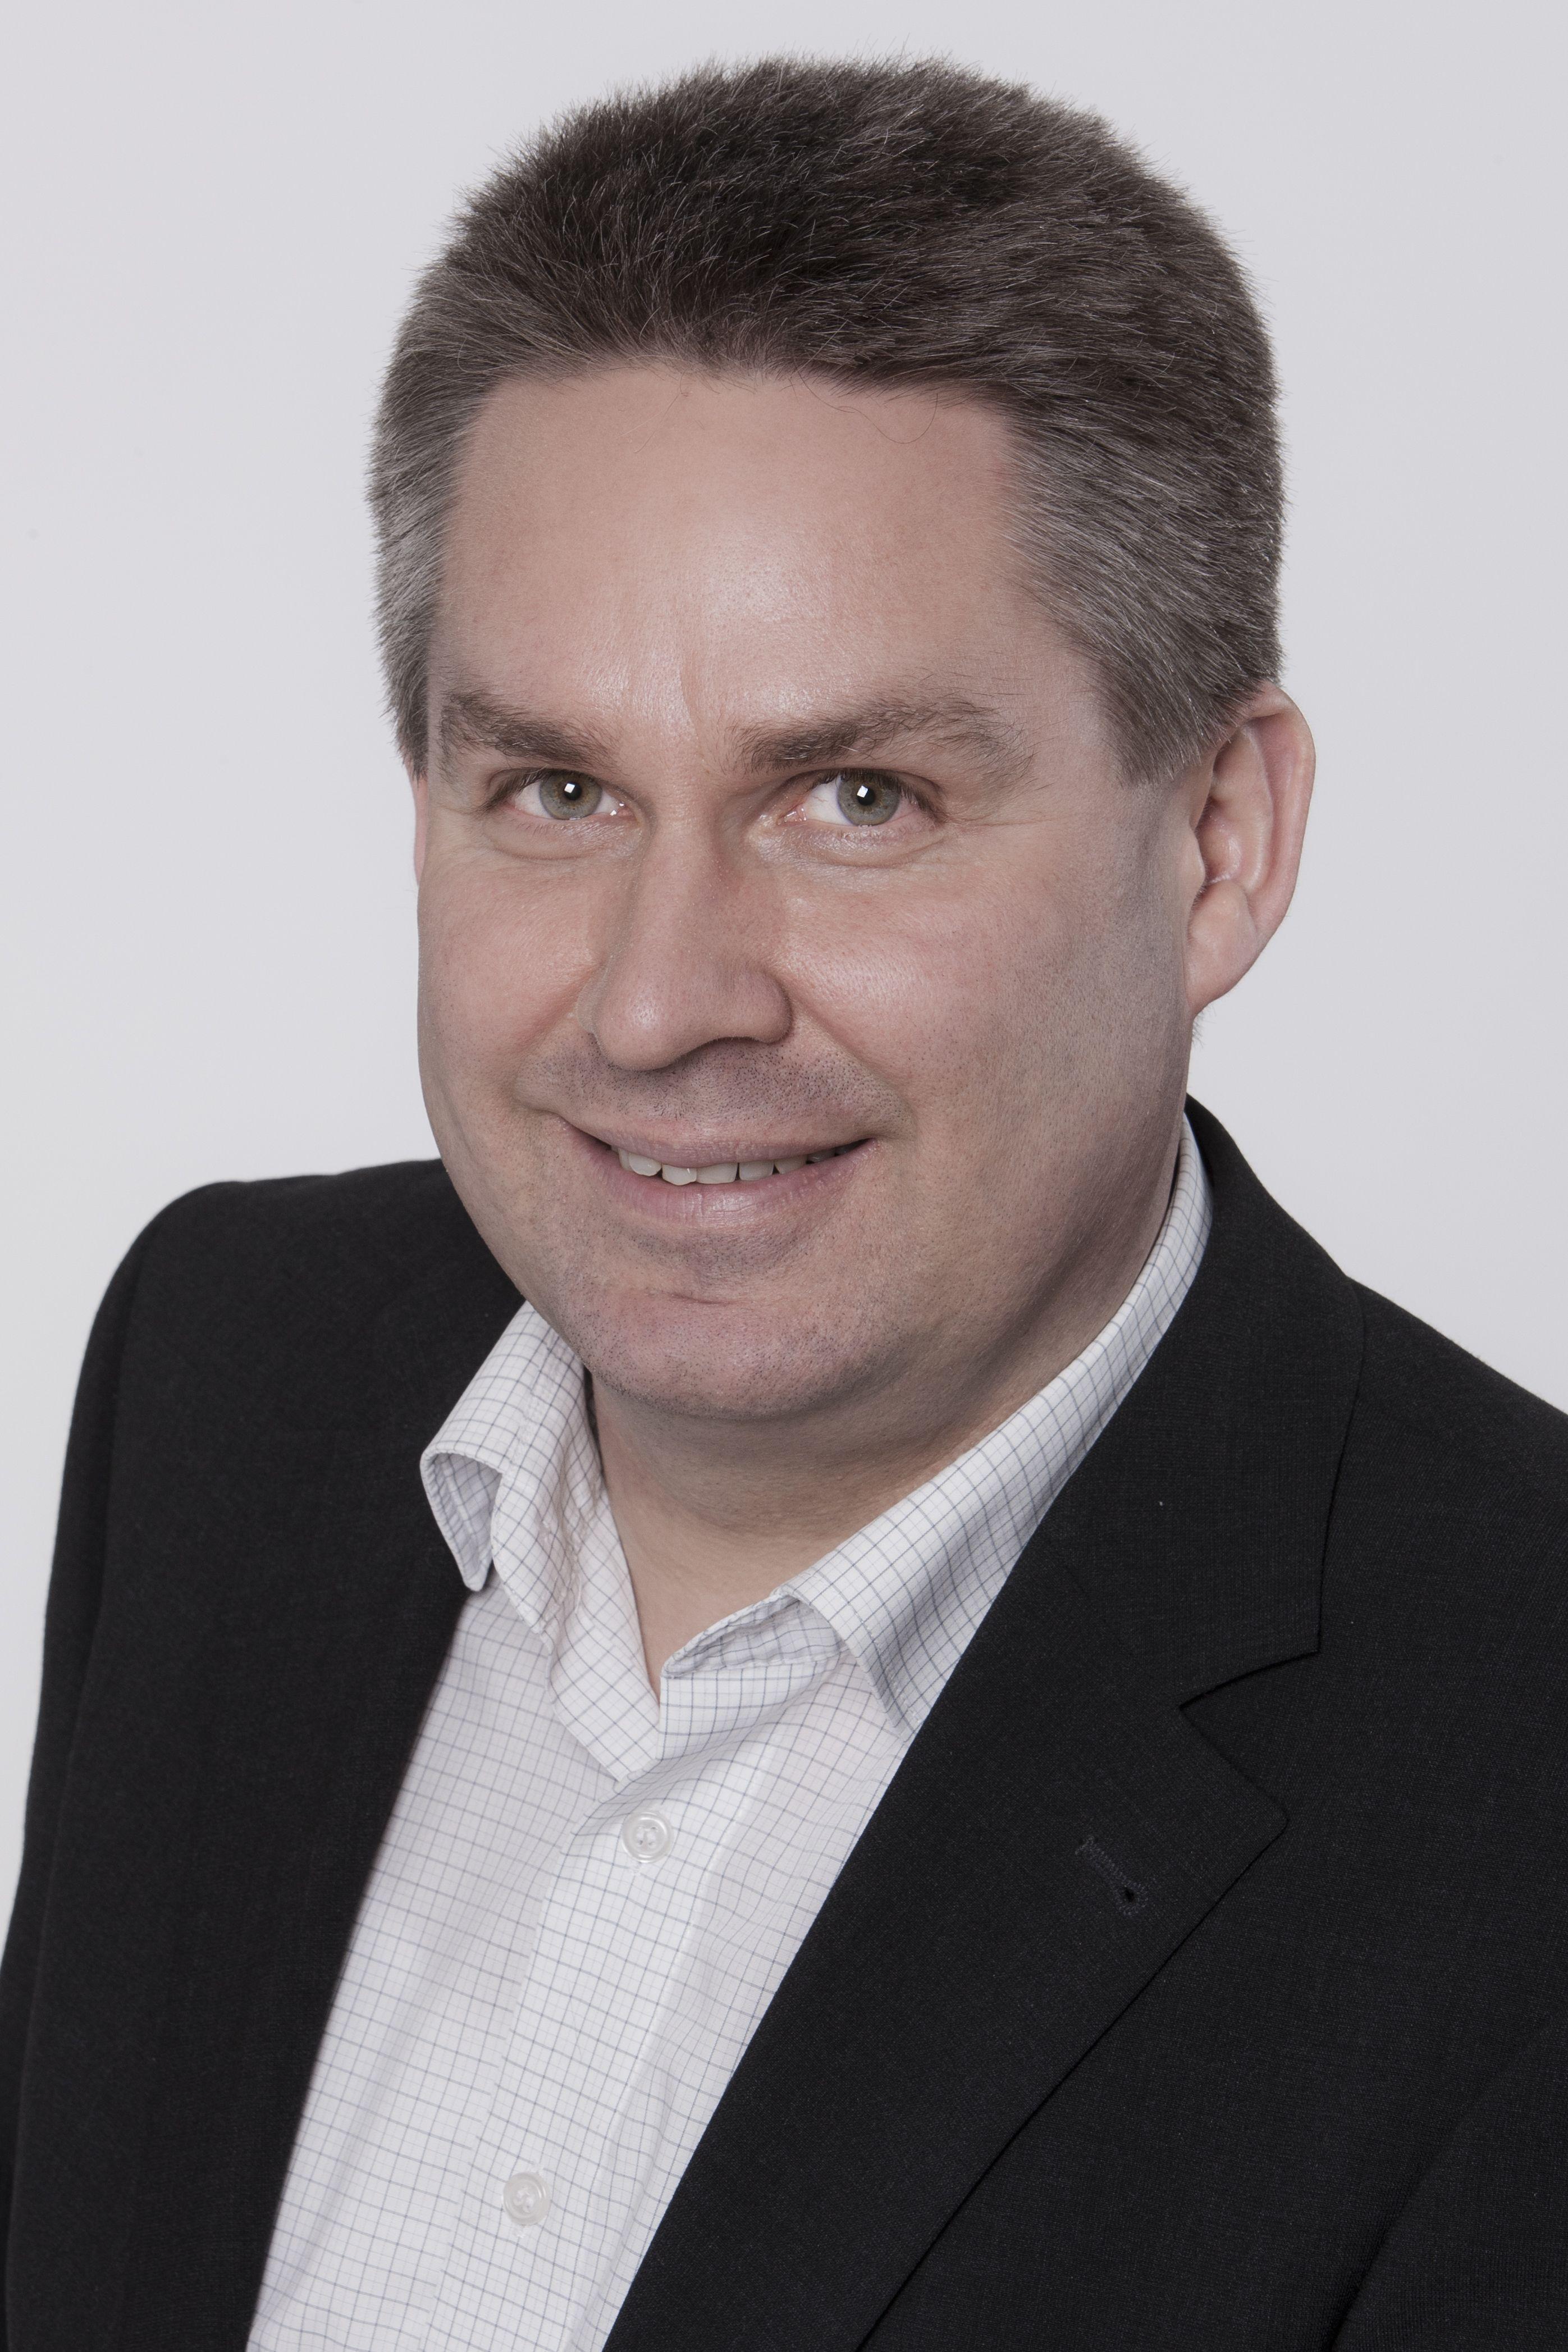 Preiskalkulation für Gründer - Experte Jens Fahsel von der Lawaetz-Stiftung